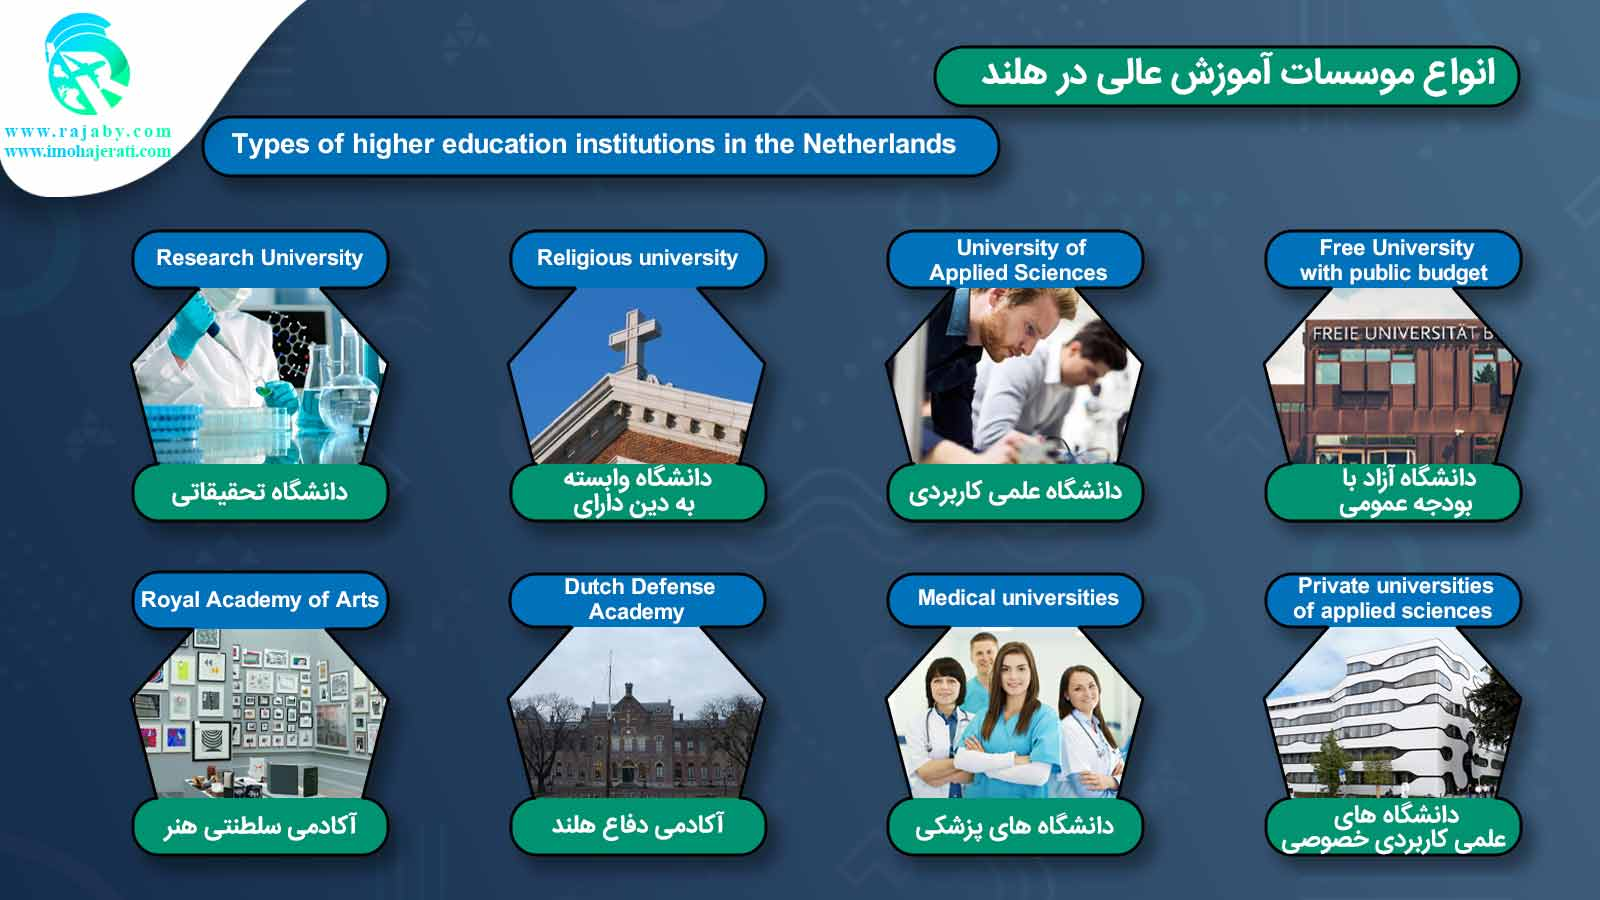 آموزش عالی در هلند